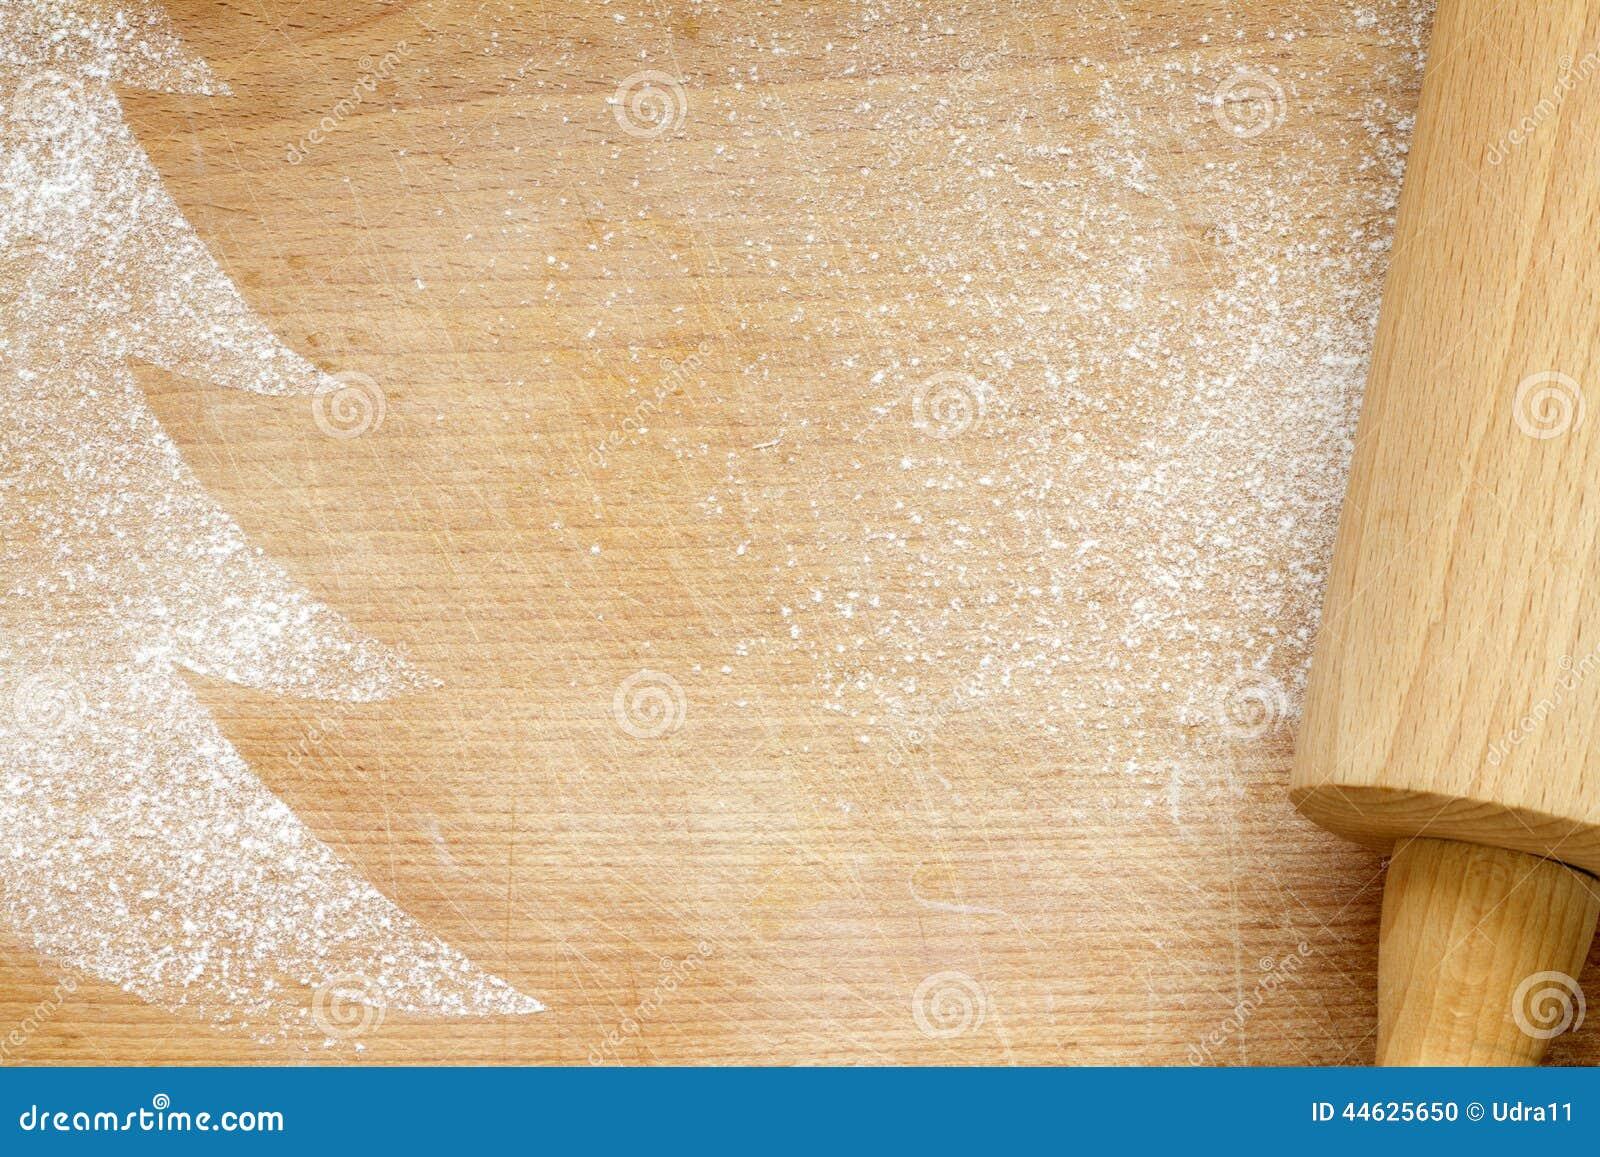 Abstrakter Weihnachtslebensmittel-Schutzträgerhintergrund auf Weinlesebrett